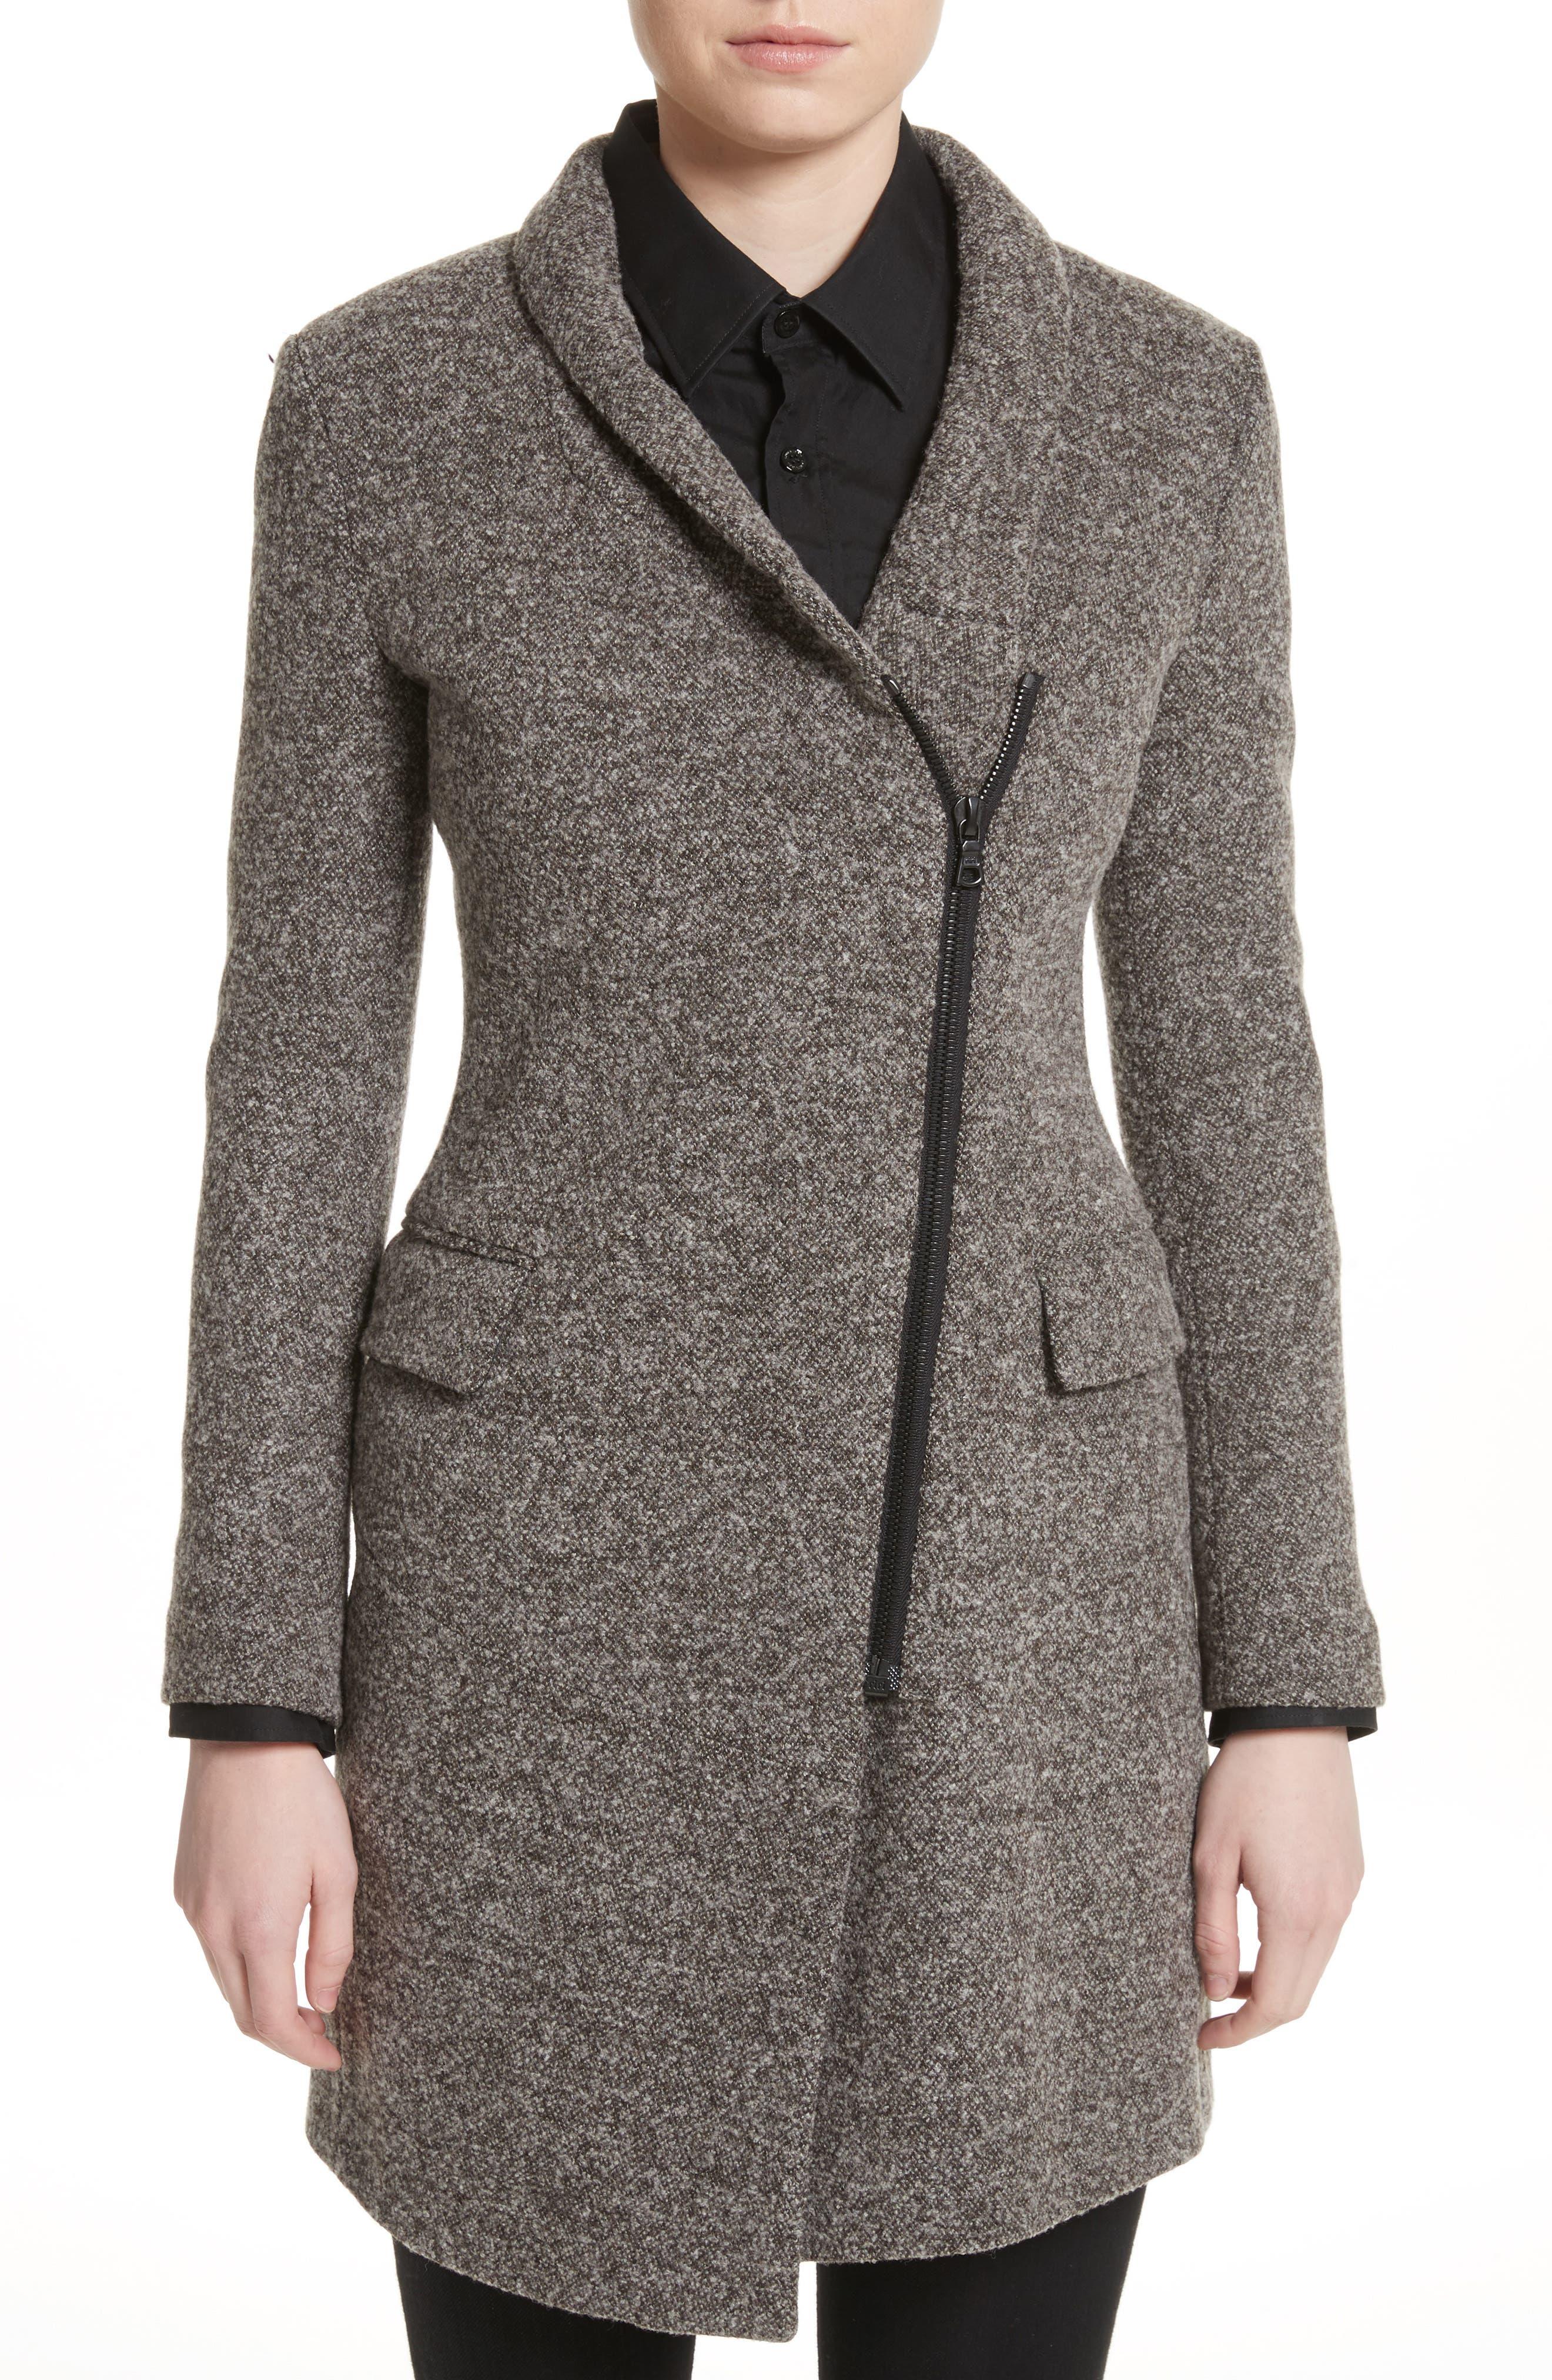 Jersey Galaxy Tweed Jacket,                         Main,                         color, 020